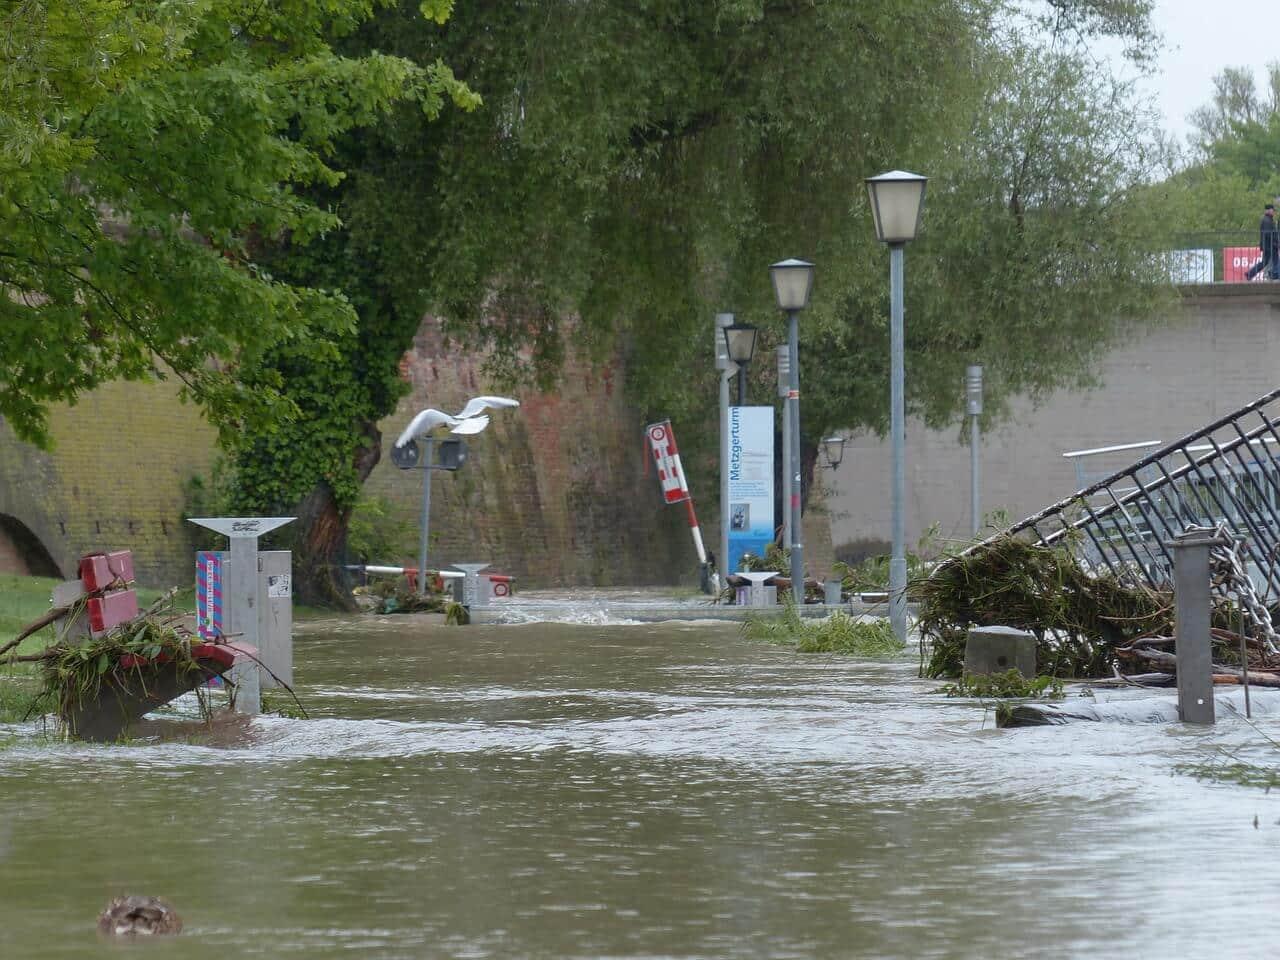 Achtung, Hochwasser! Wie kann man sich effektiv davor schützen?